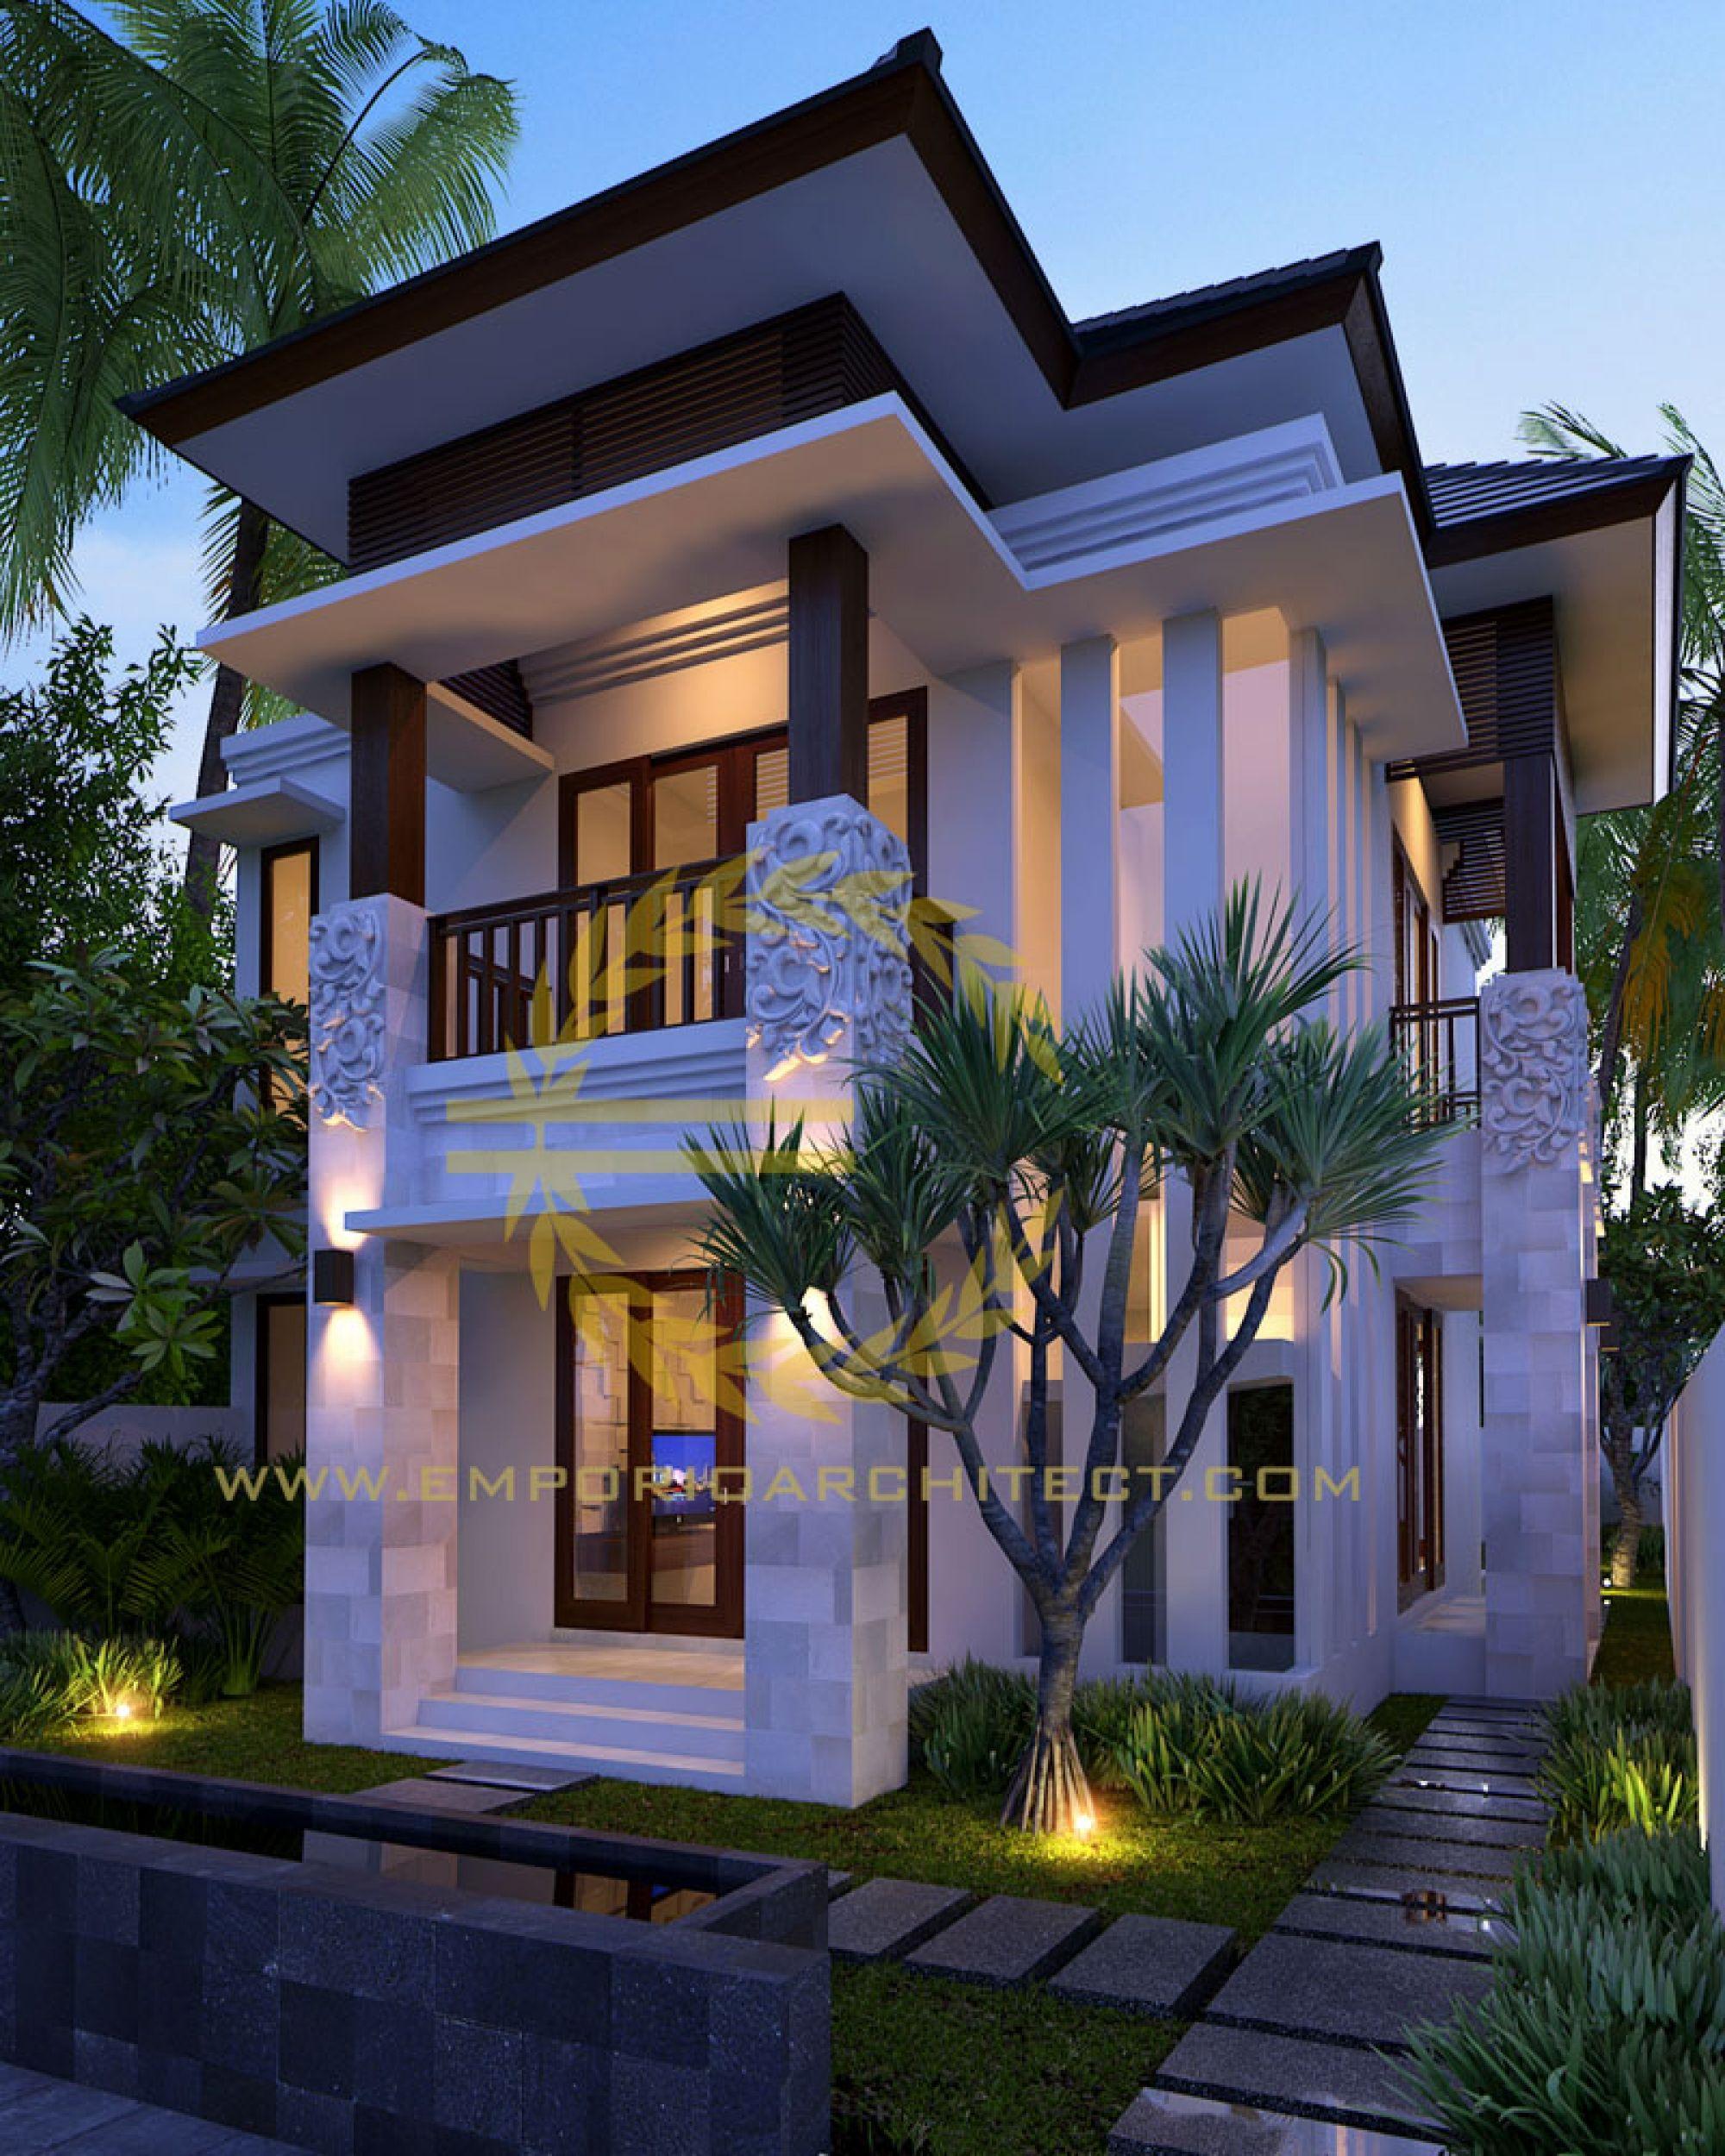 Desain Rumah Ibu Yunita Di Bali #desainrumah #jasaarsitek